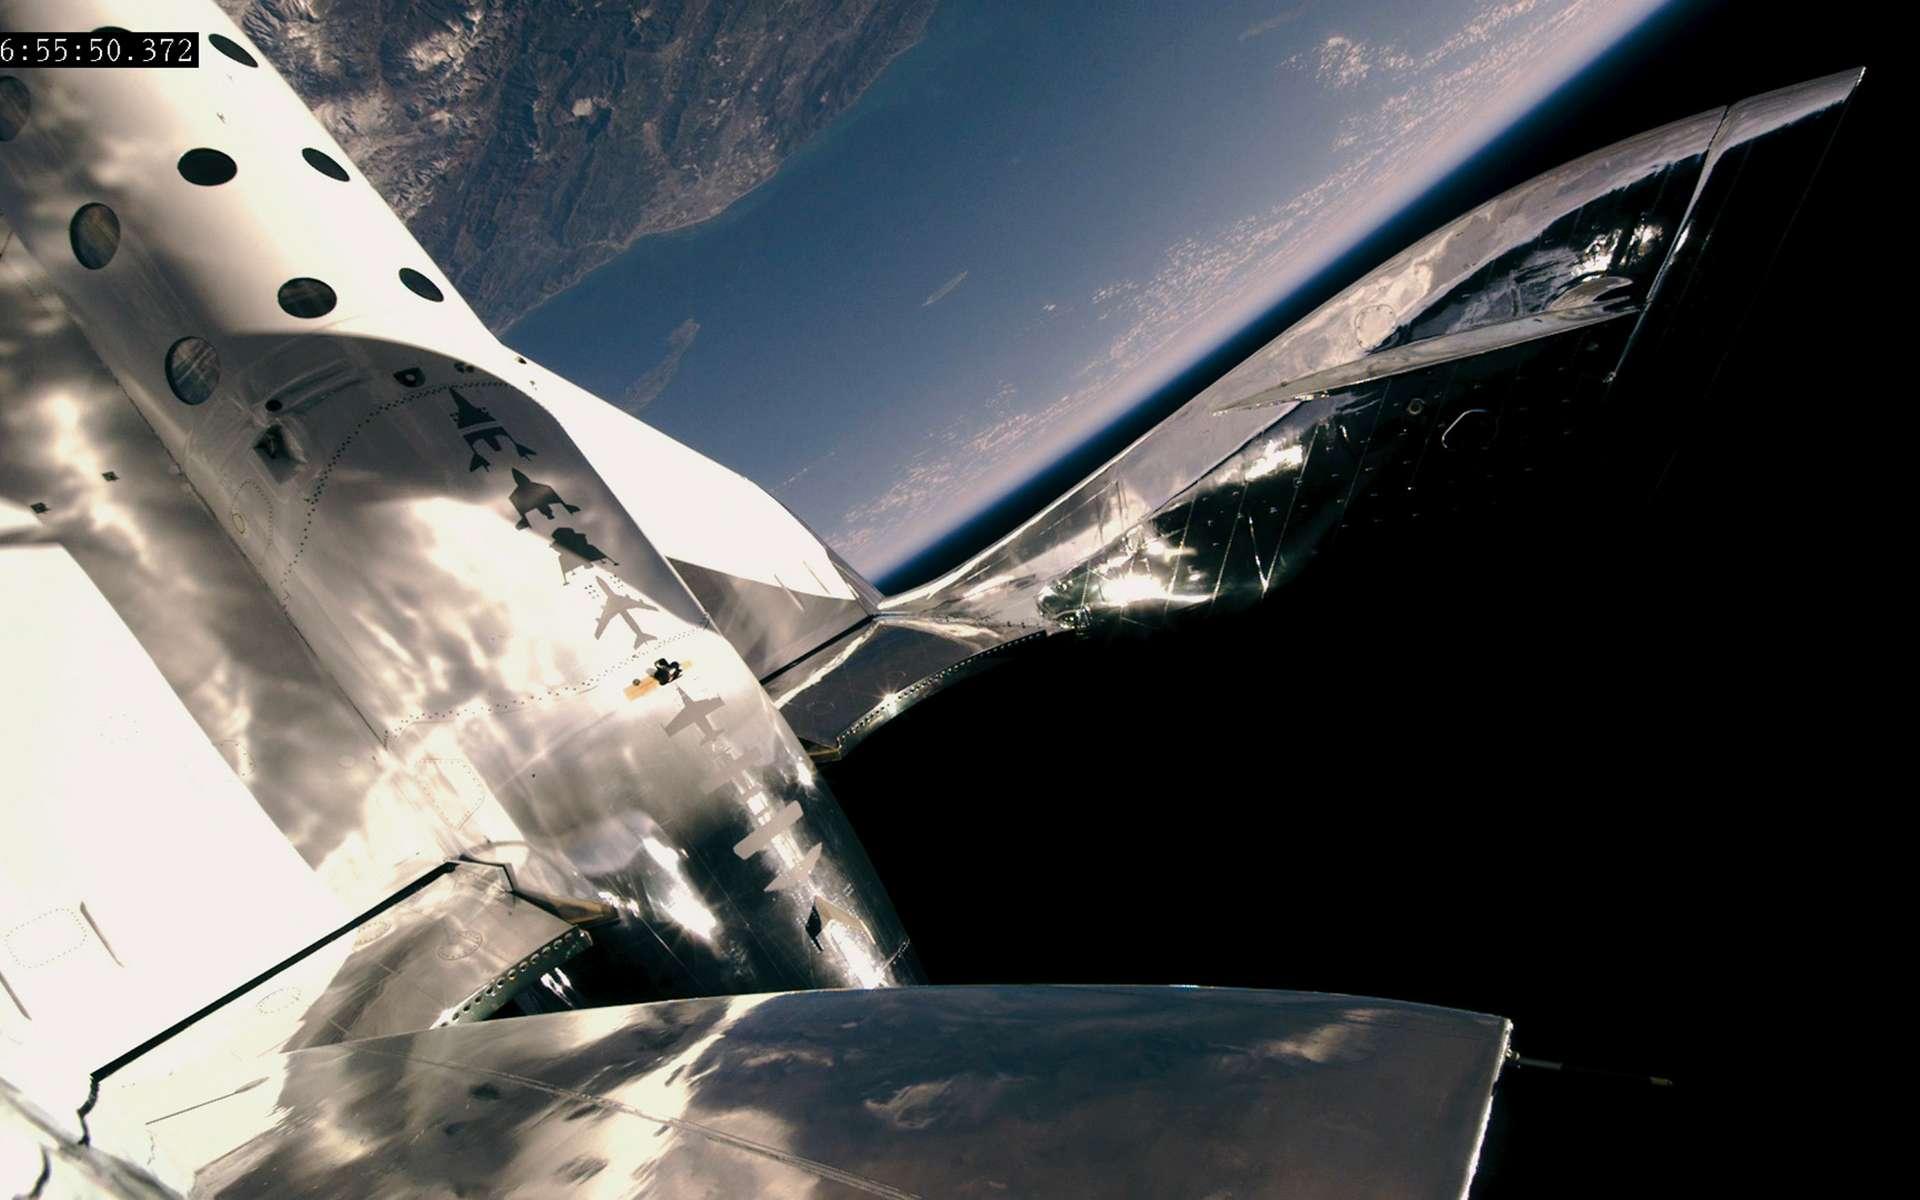 Le SpaceShipTwo de Virgin Galactic lors de son cinquième vol motorisé à seulement 10 kilomètres des 100 kilomètres de la frontière de l'espace définie par la Fédération aéronautique internationale. © Virgin Galactic